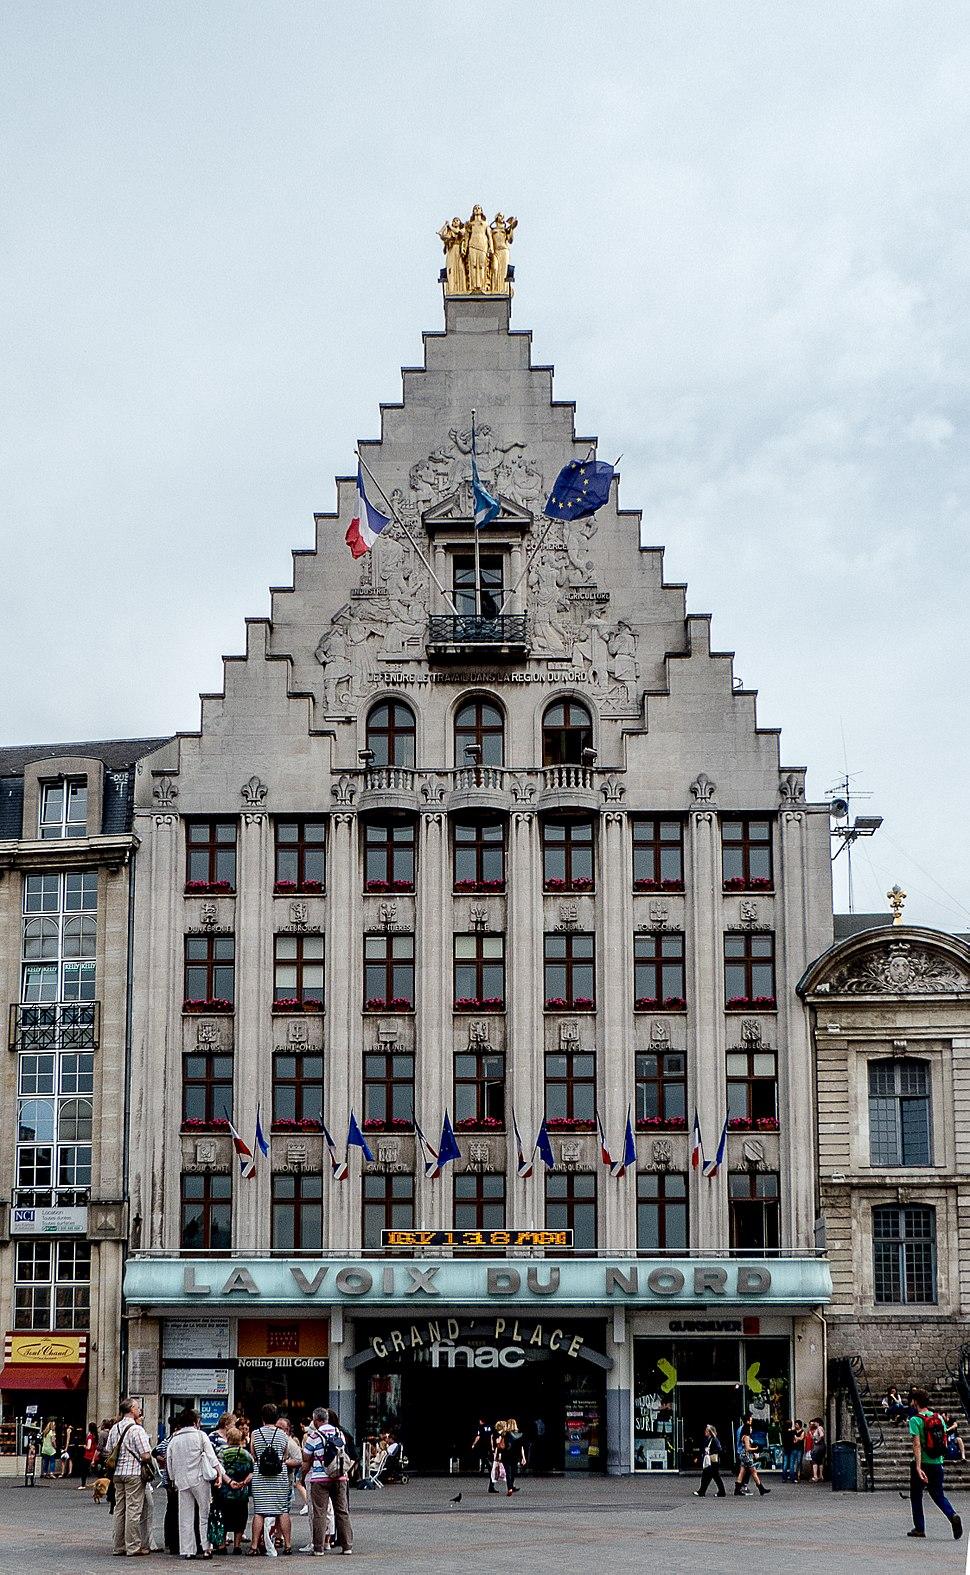 2. Palais des Beaux-Arts